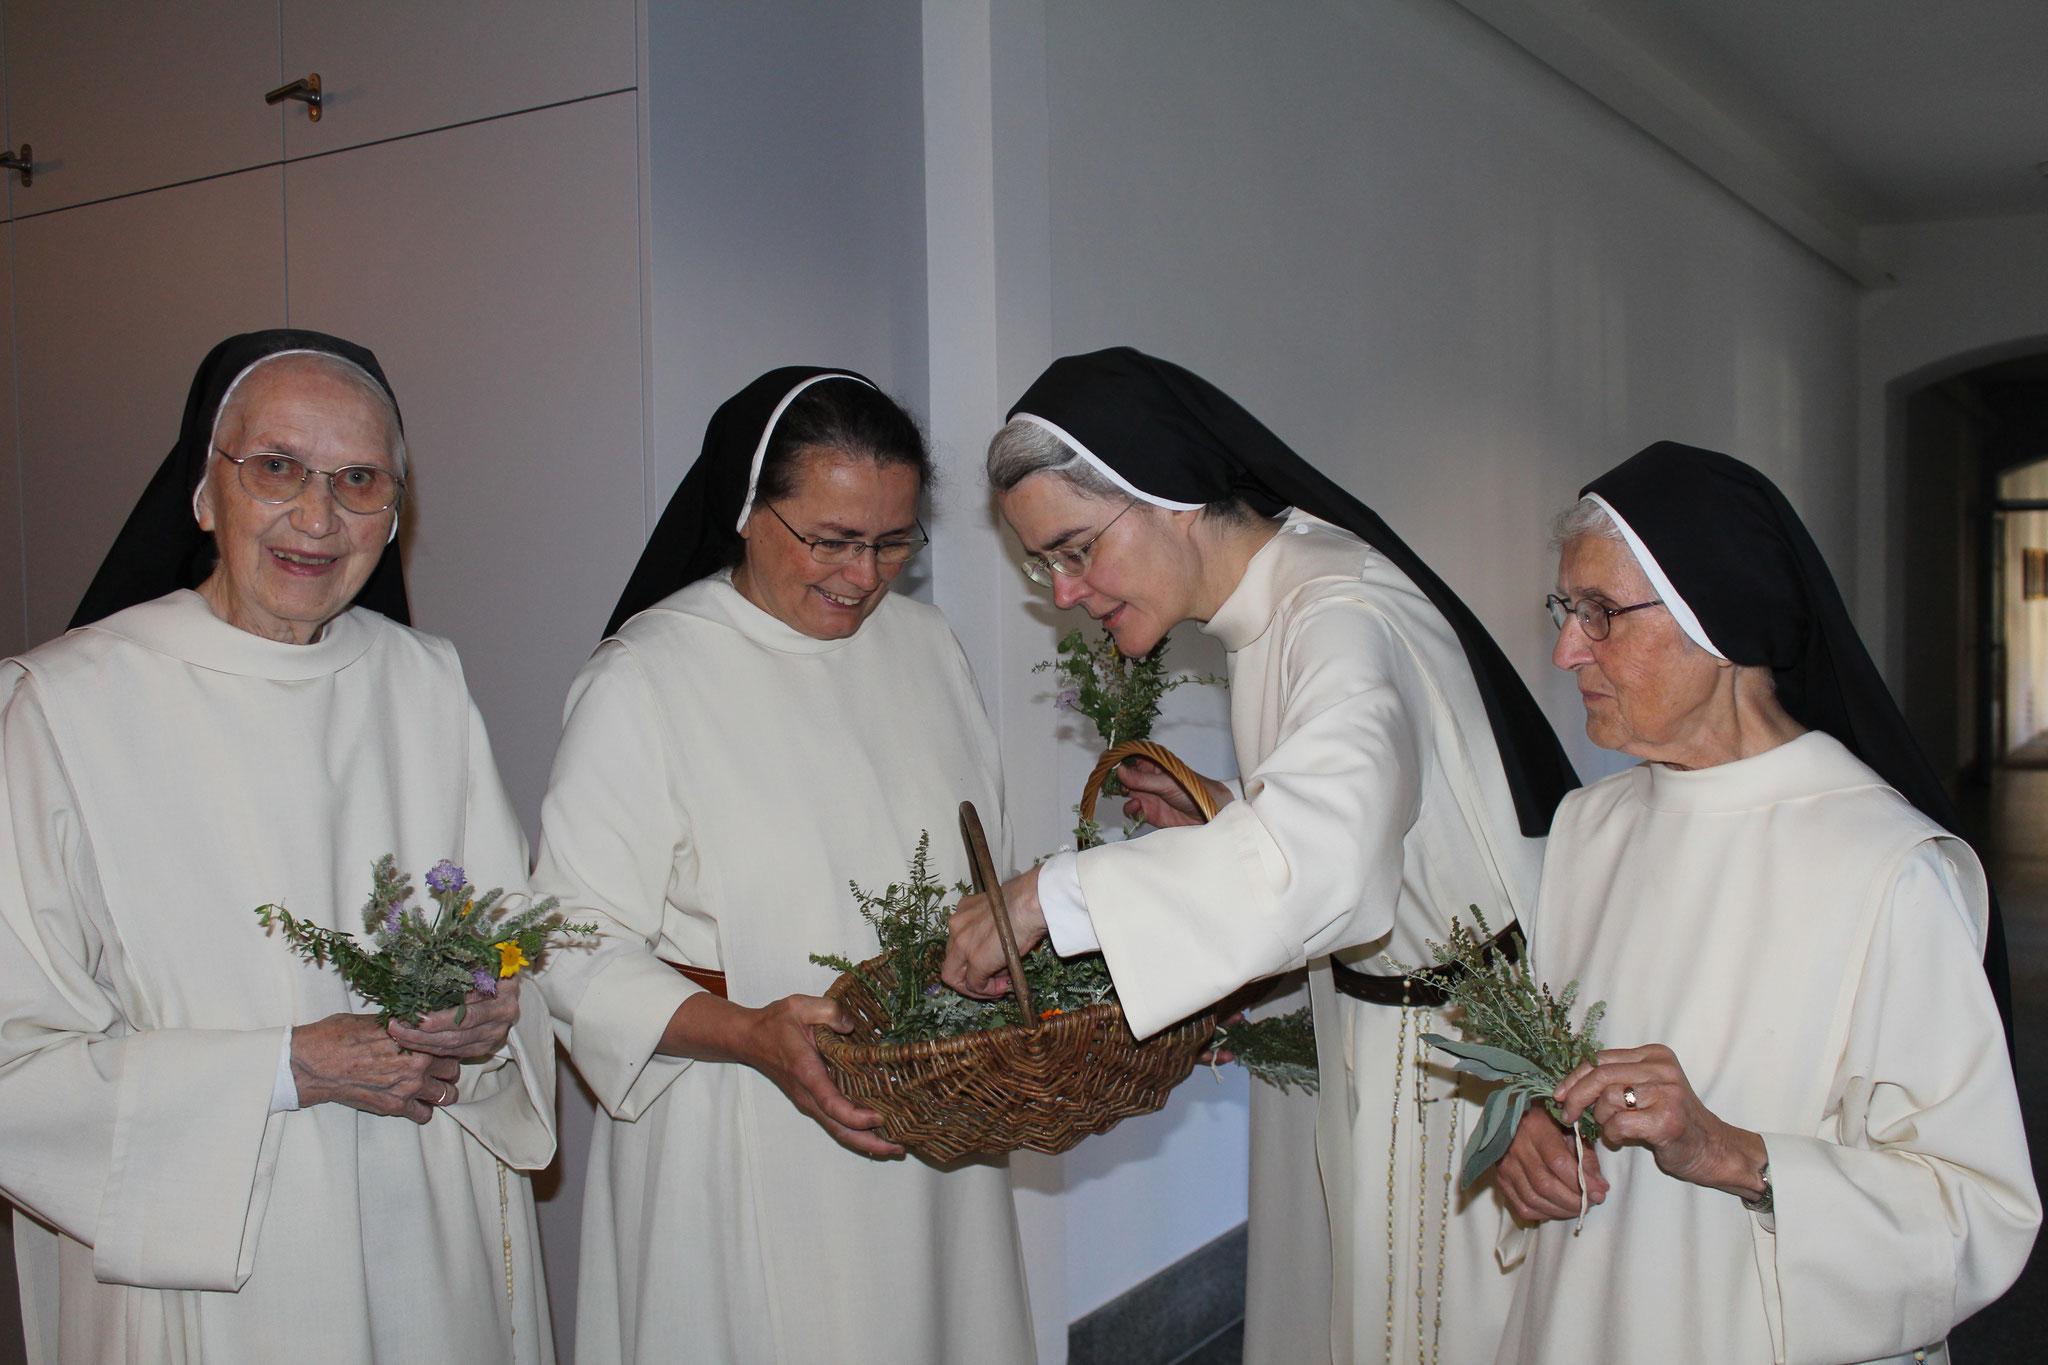 Die Schwestern bewundern den Kräutersegen